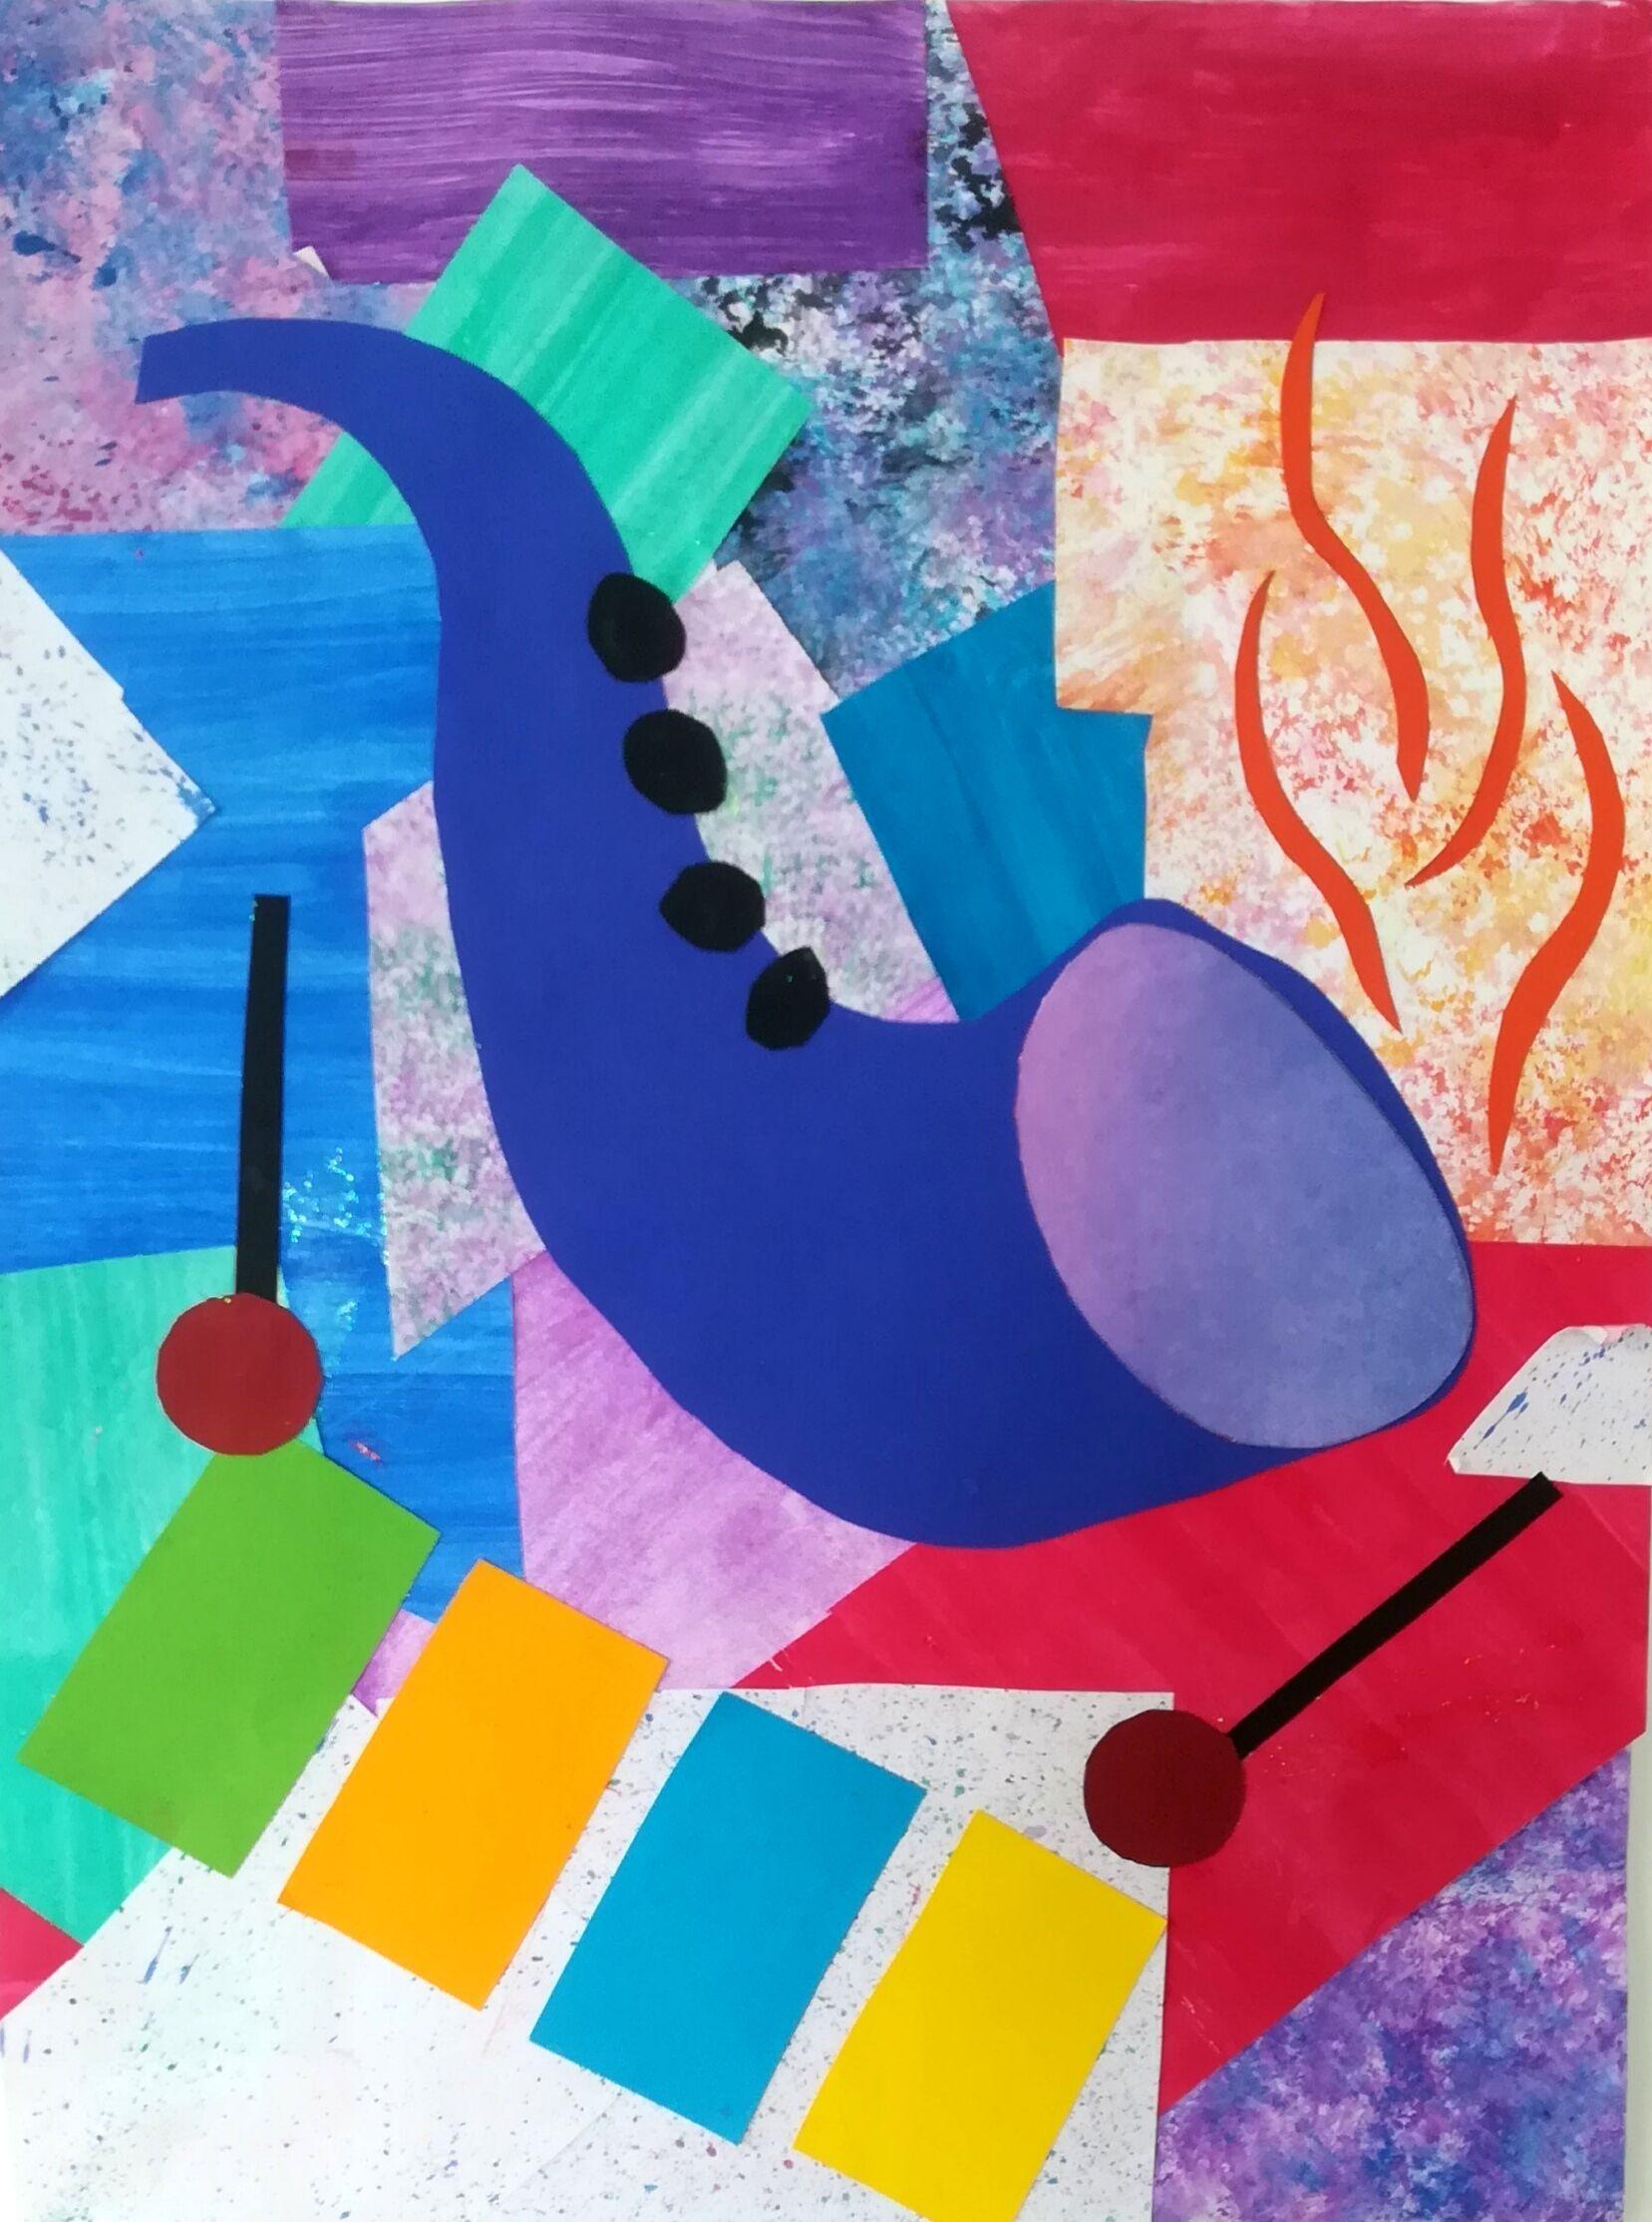 Kunstwerk Des Monats April 2019 Emma Beutner - 8b